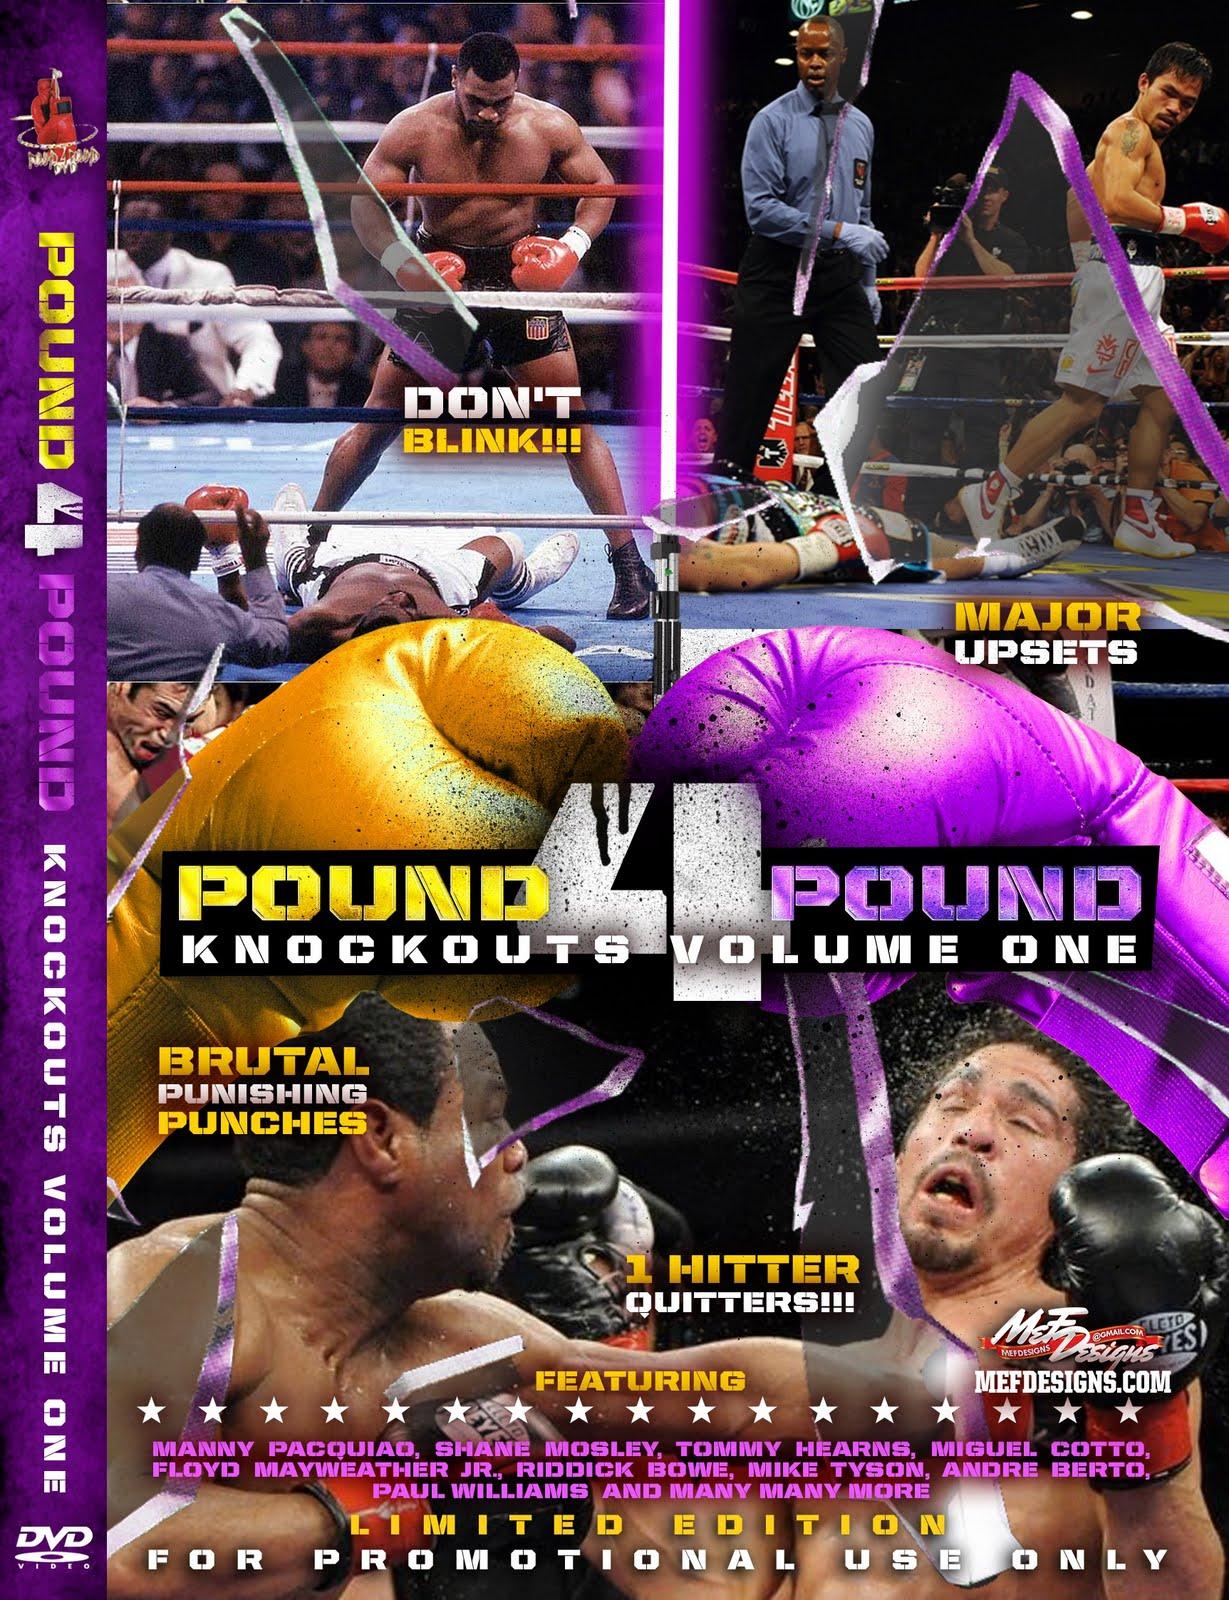 http://2.bp.blogspot.com/_M0IvapqPeEA/TCJm11o2NbI/AAAAAAAAATM/R_WpO_DkyHo/s1600/pound4poundKnockouts+(3).jpg